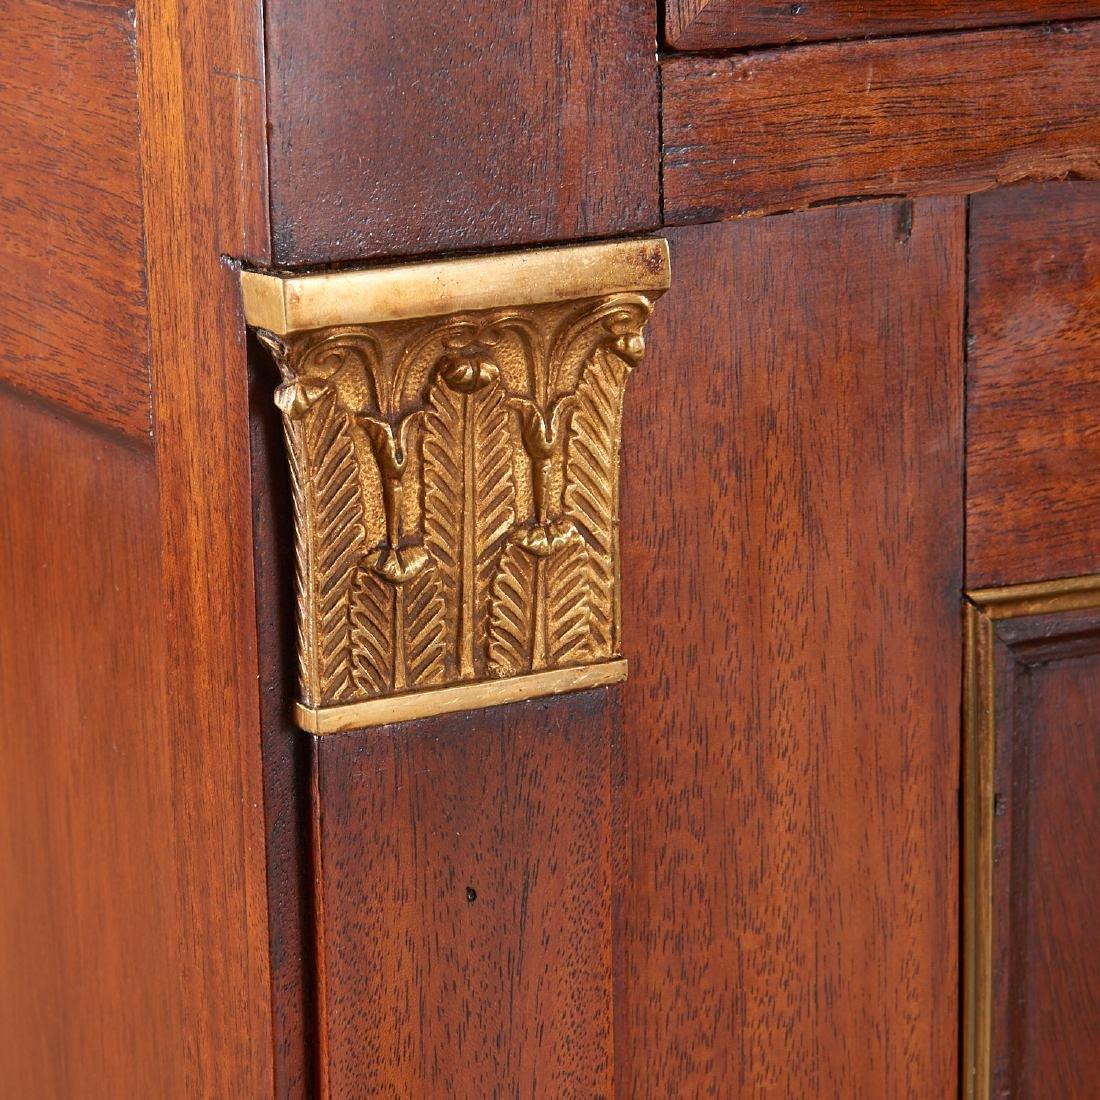 Regency style mahogany cabinet - 2